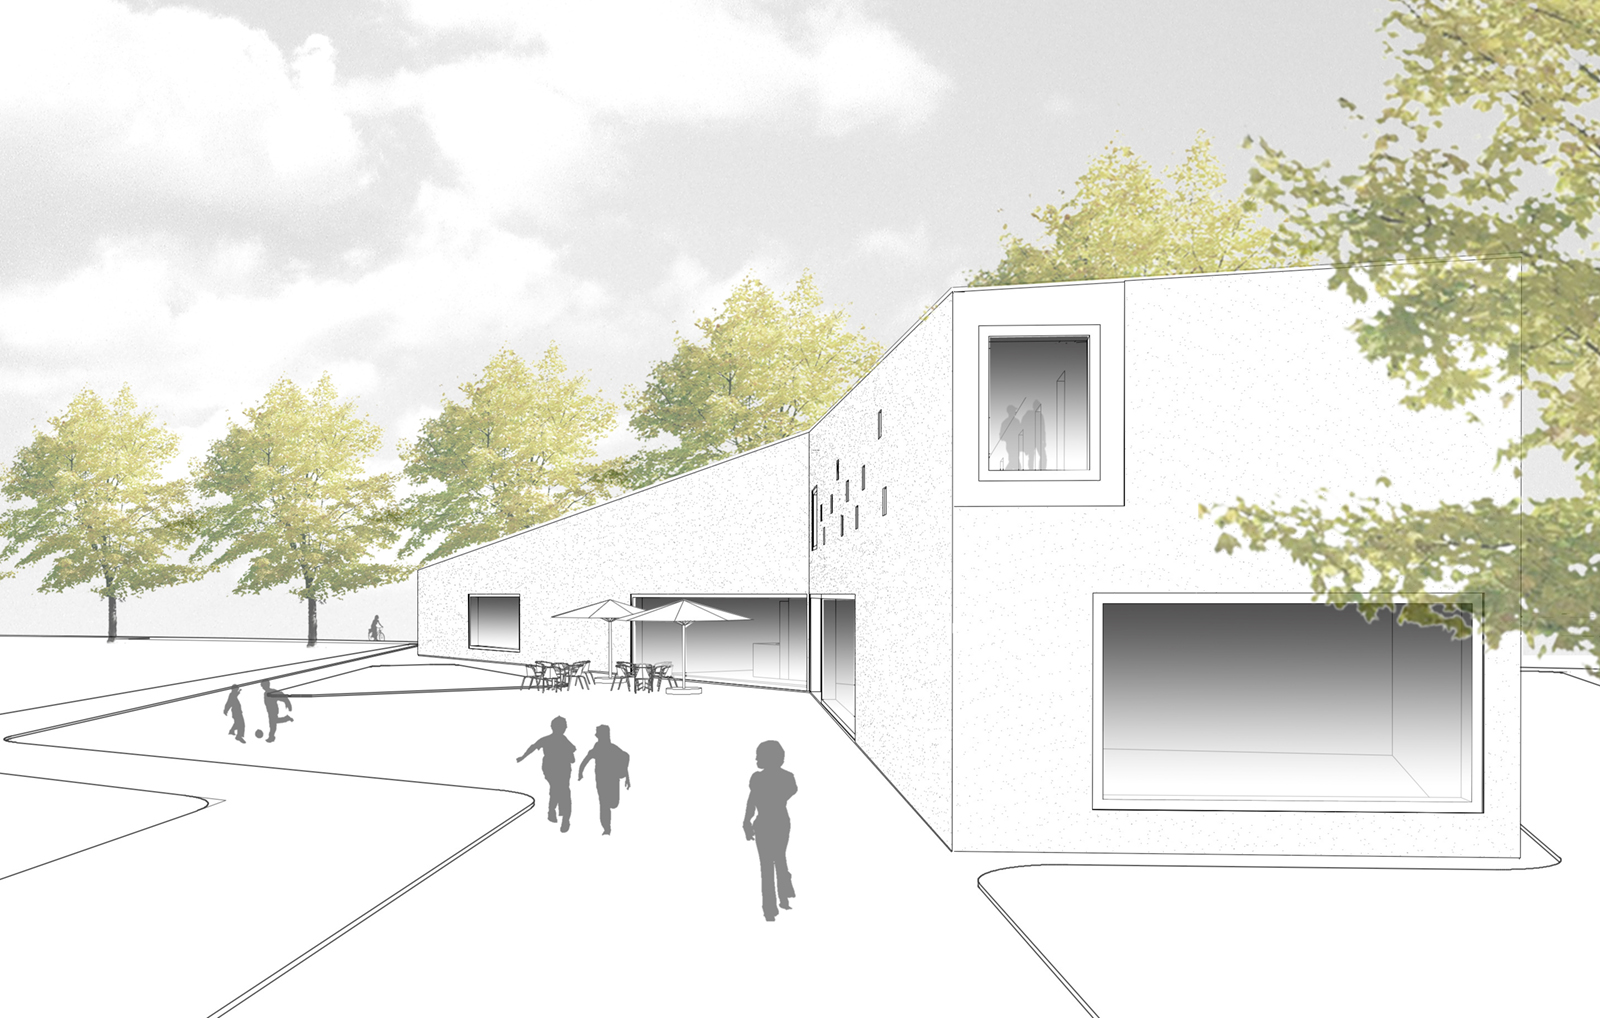 riedrich Poerschke Zwink_Realisierungswettbewerb Jugendzentrum Landsberg am Lech 1.Preis_Perspektive